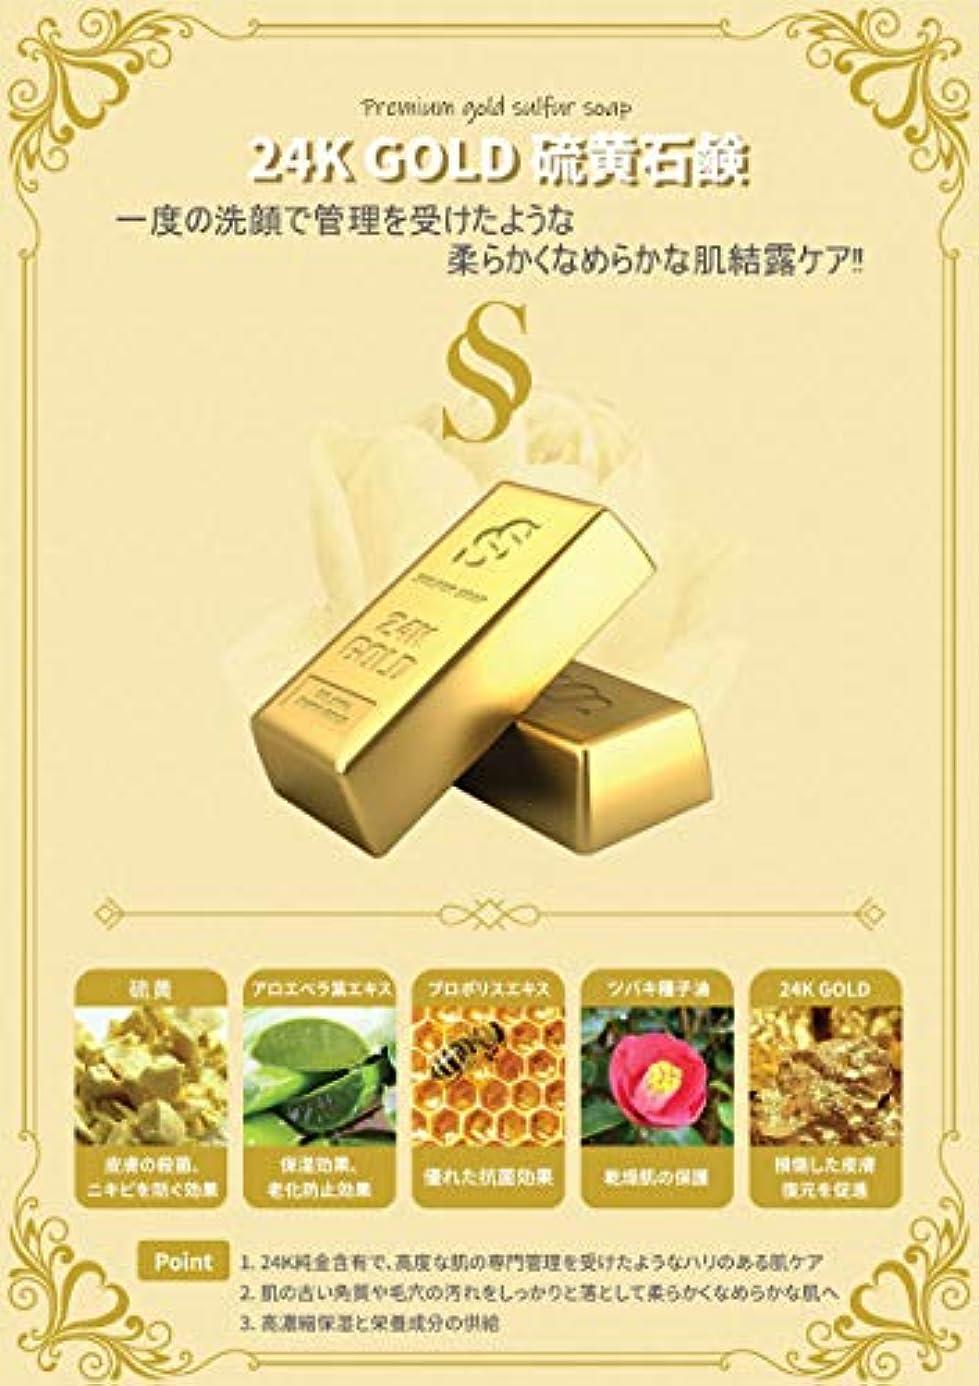 エキゾチック報復する証明書24Kゴールドバー 石鹸 植物性硫黄/24K SAKURA